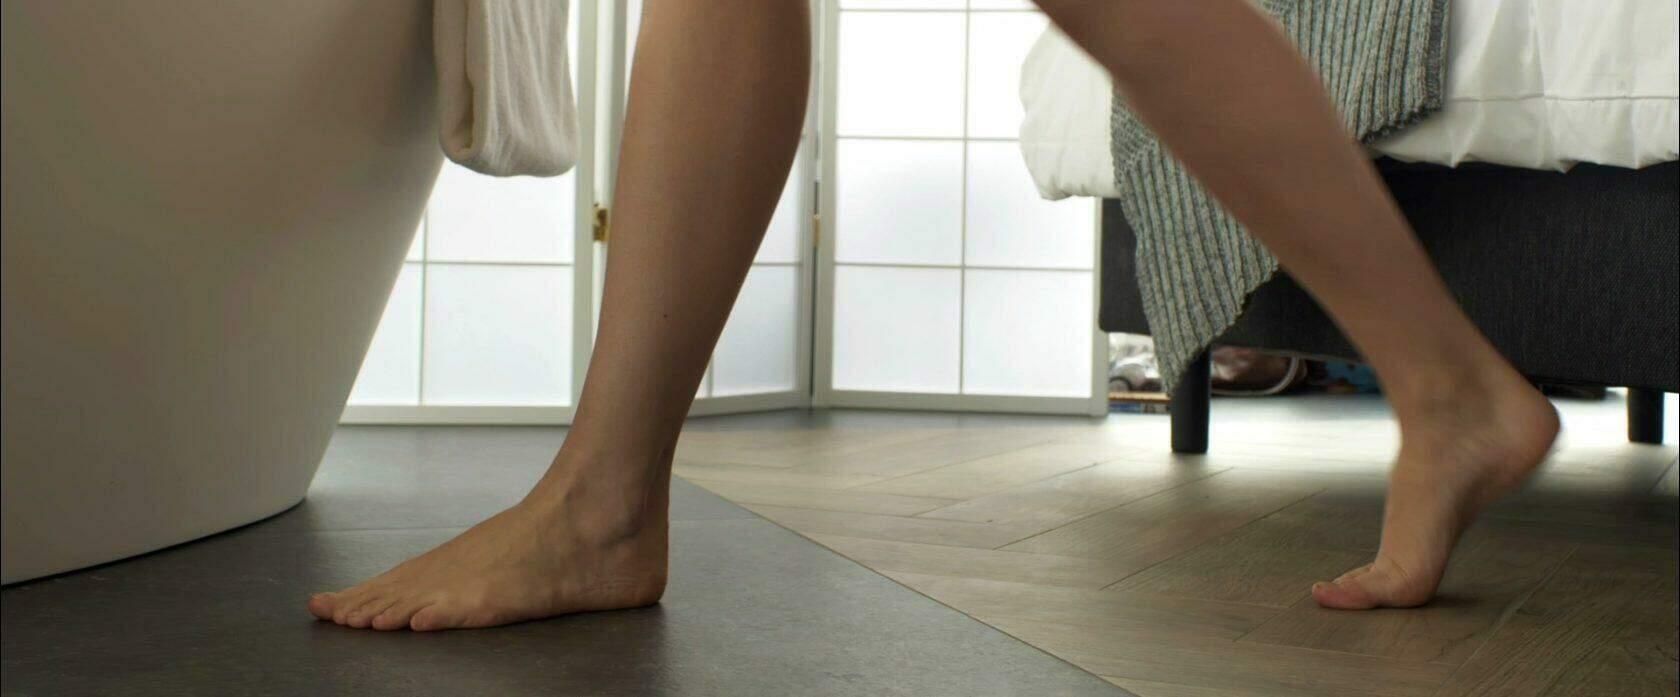 Bij vloerverwaming hoort tegels, iets anders is echt onzin.